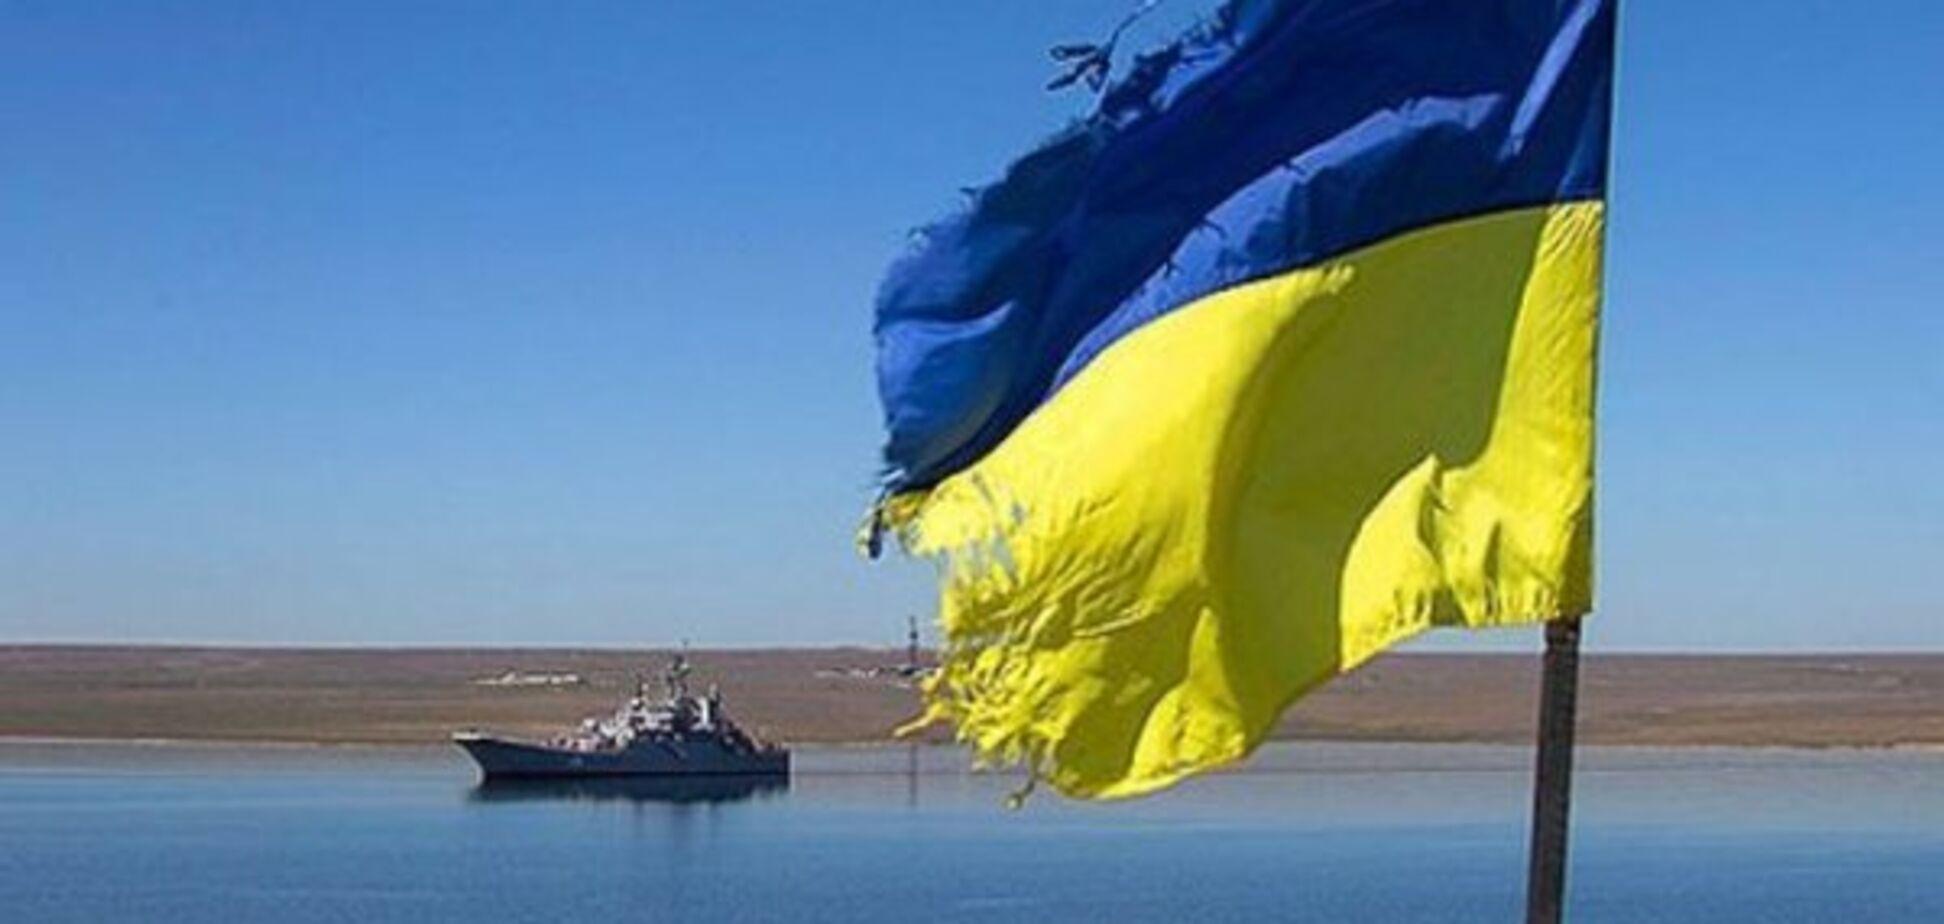 Як зупинити Росію у морі: адмірал описав ''ударну групу'' України